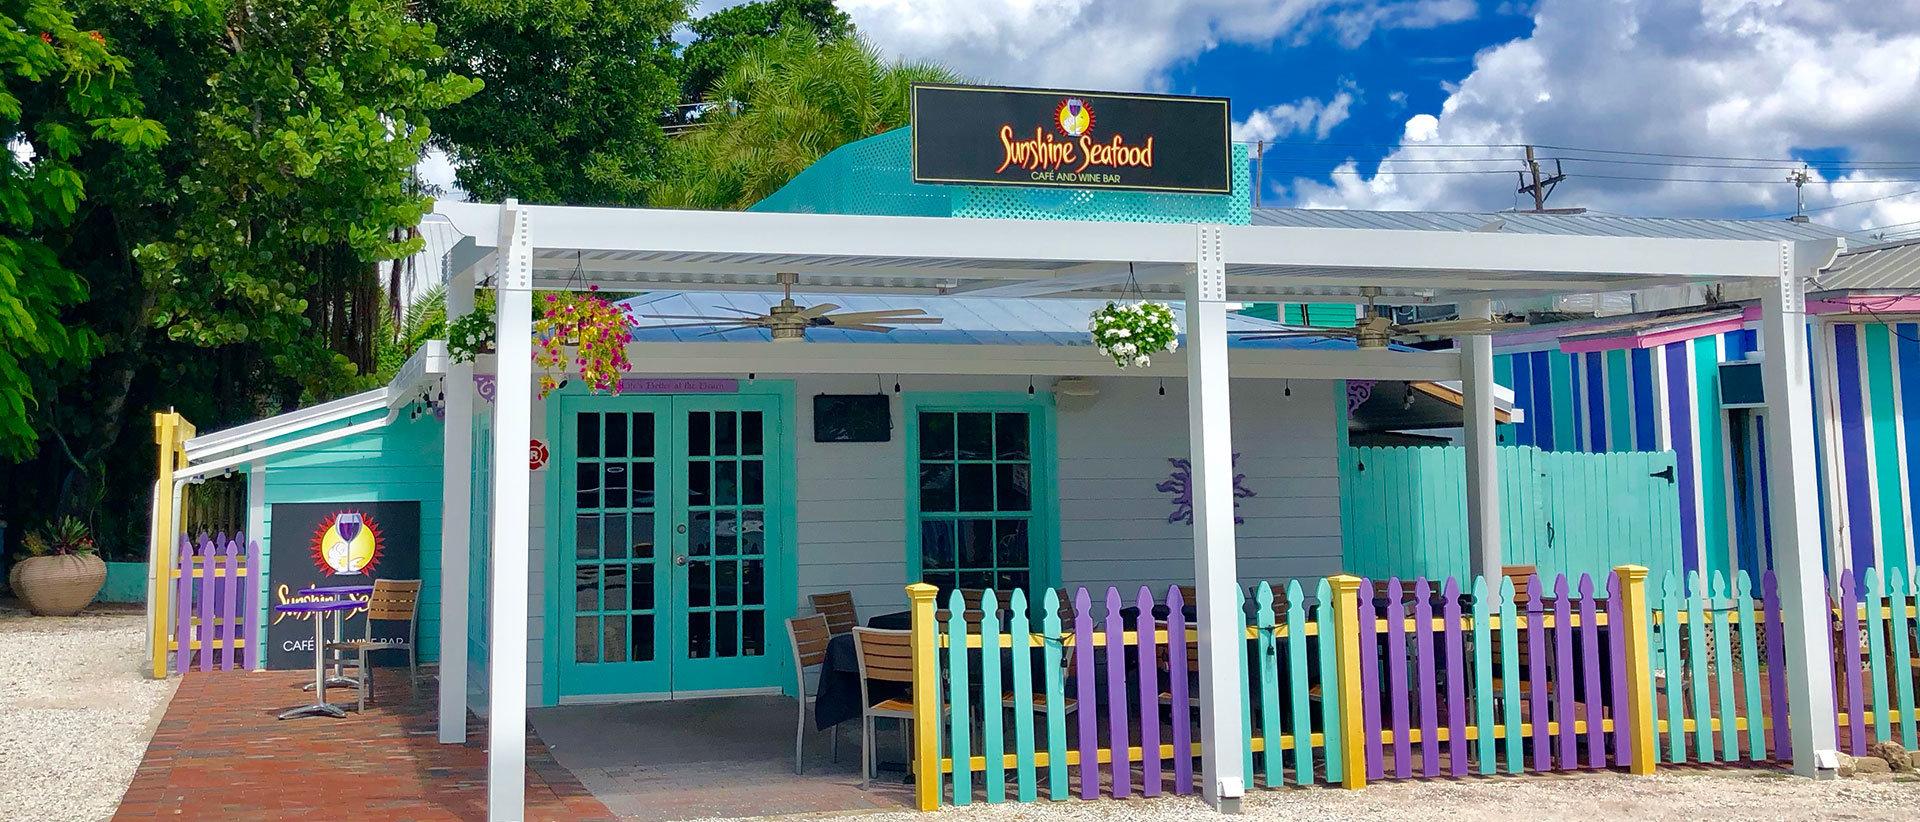 Sunshine Seafood Captiva Island Inn